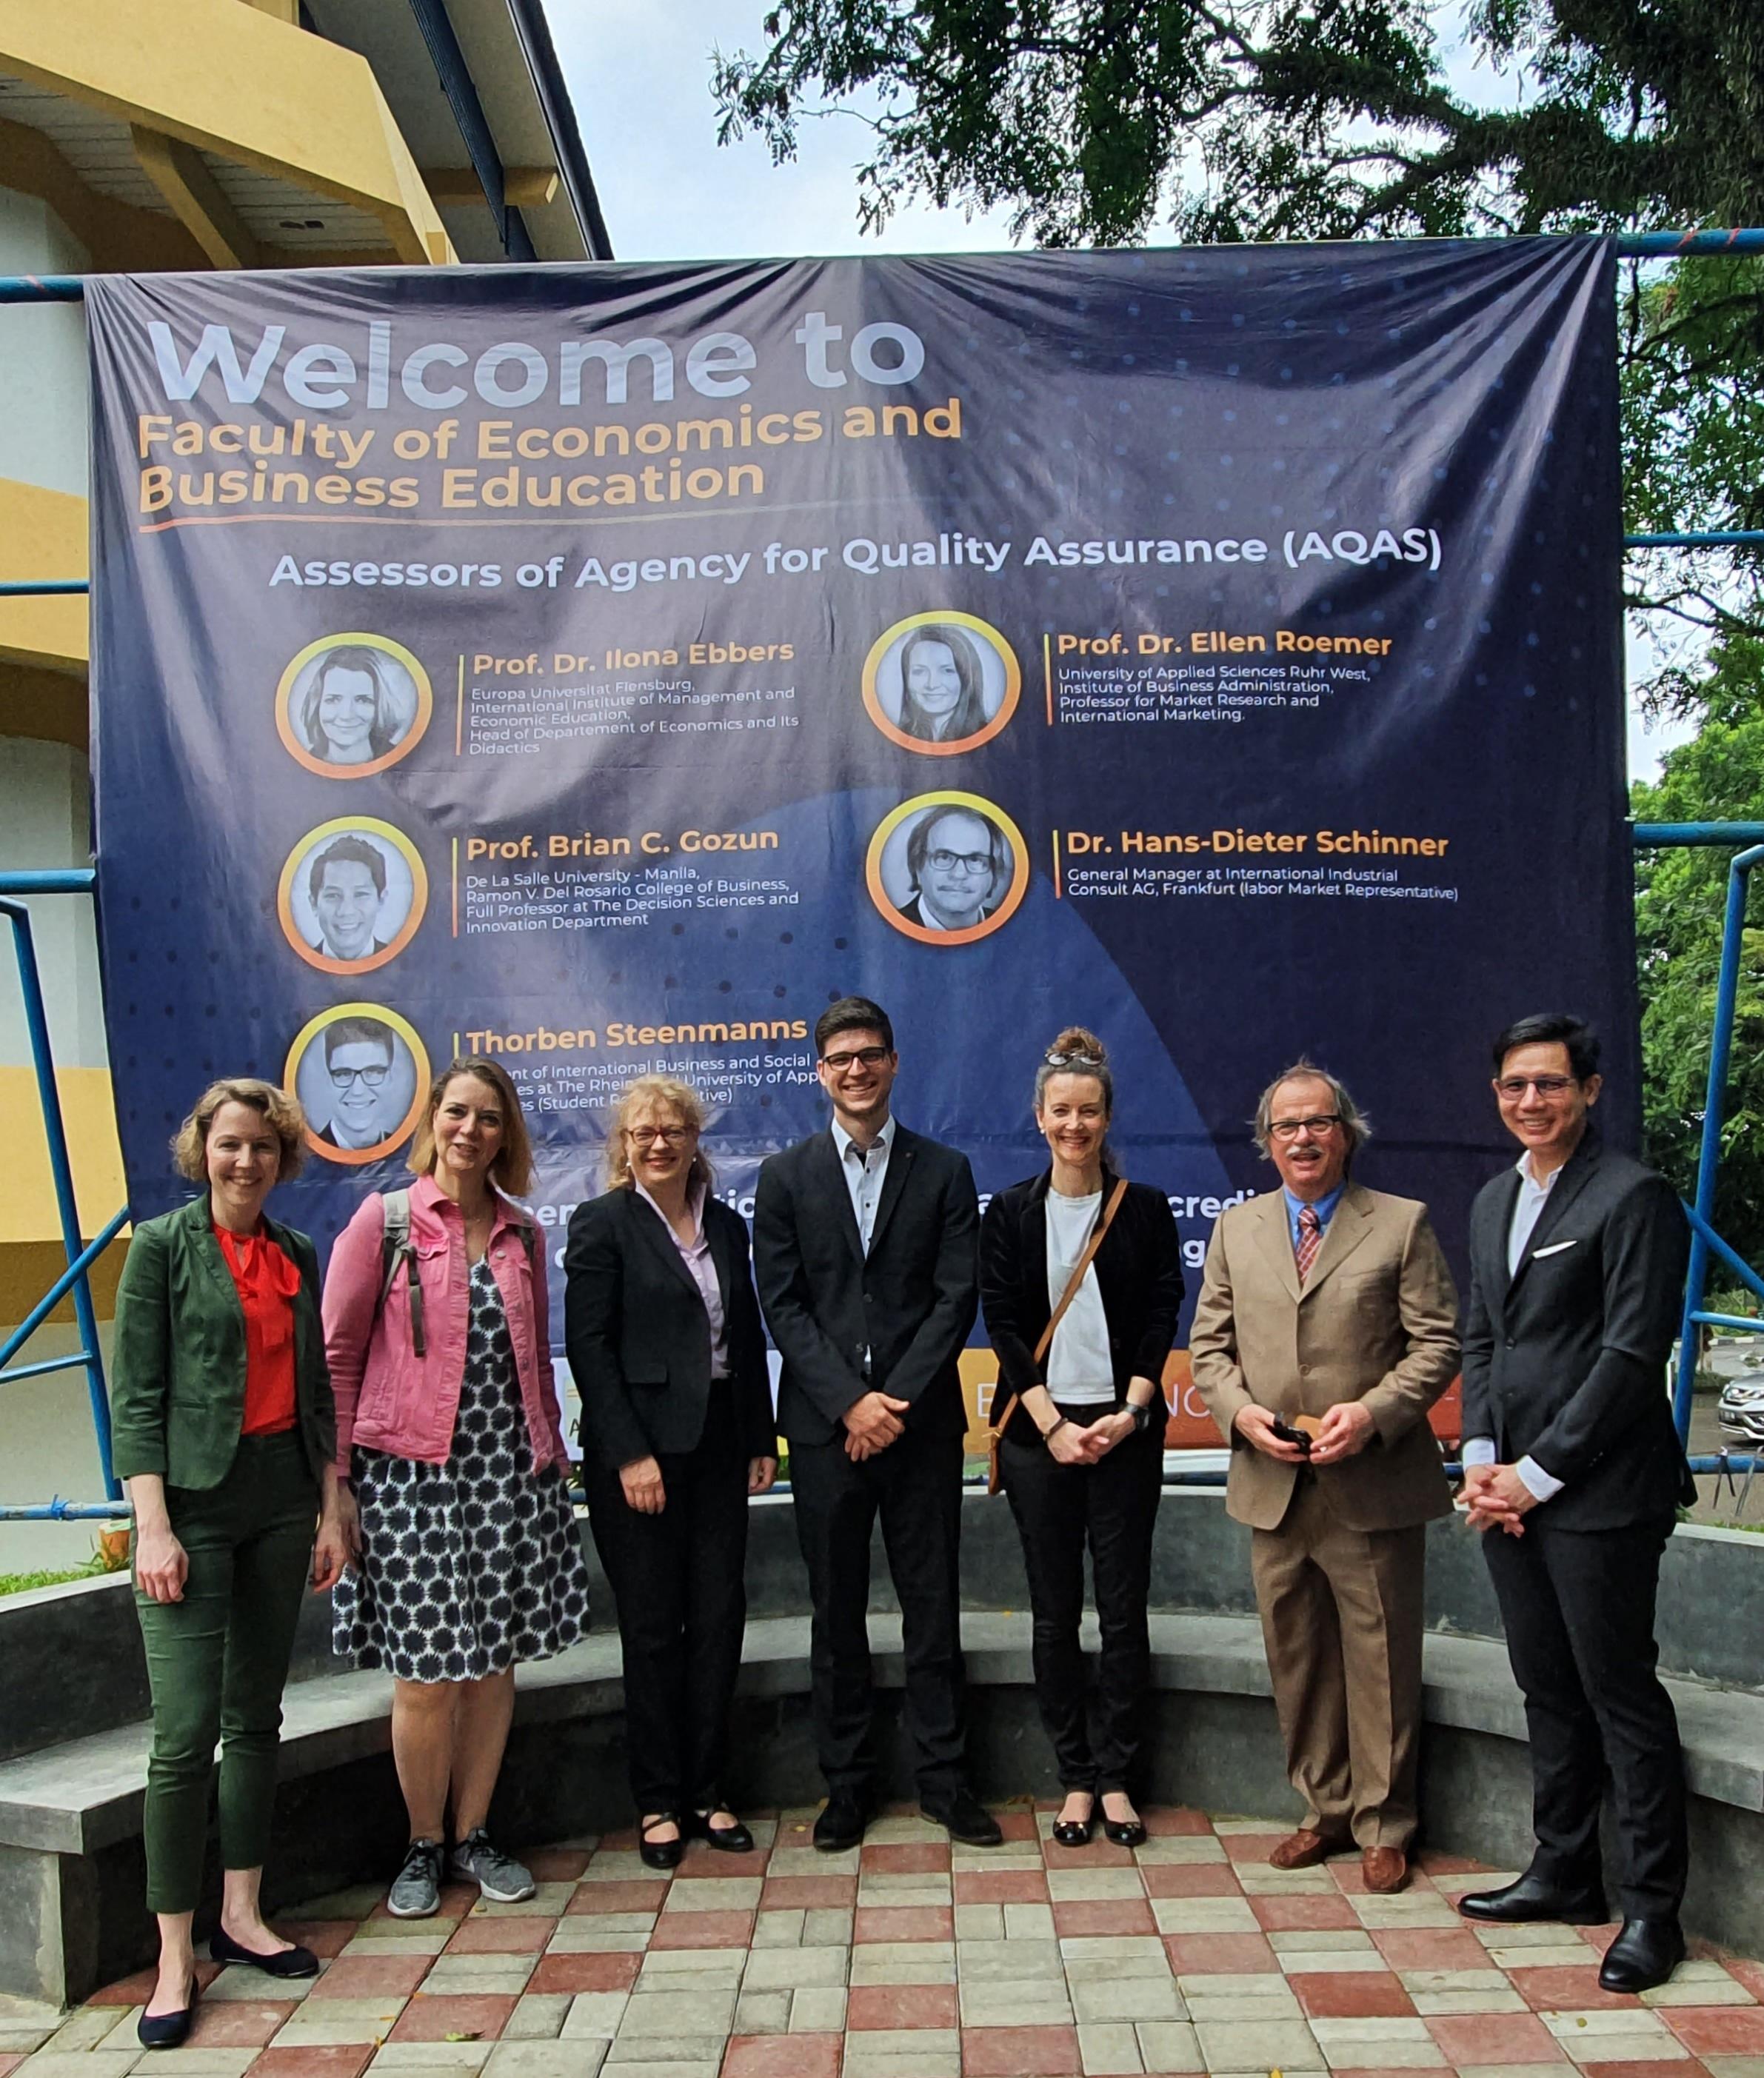 FPEB Mendukung World Class University UPI Dengan Mendaftarkan 2 Prodi untuk Raih Akreditasi Internasional AQAS